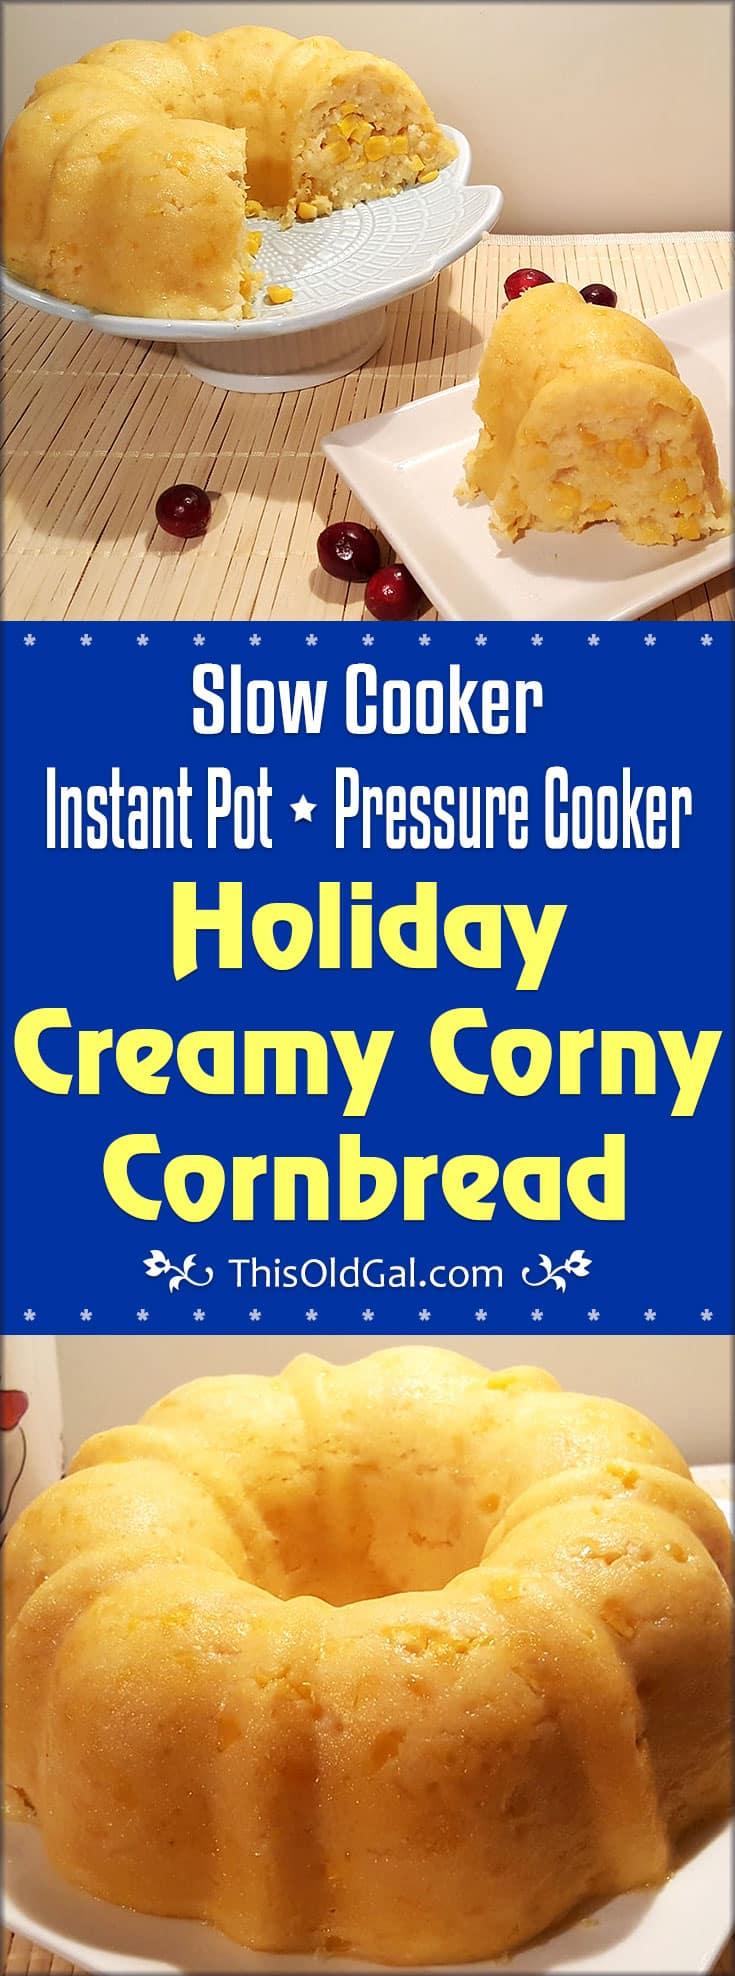 Holiday Creamy Corny Cornbread